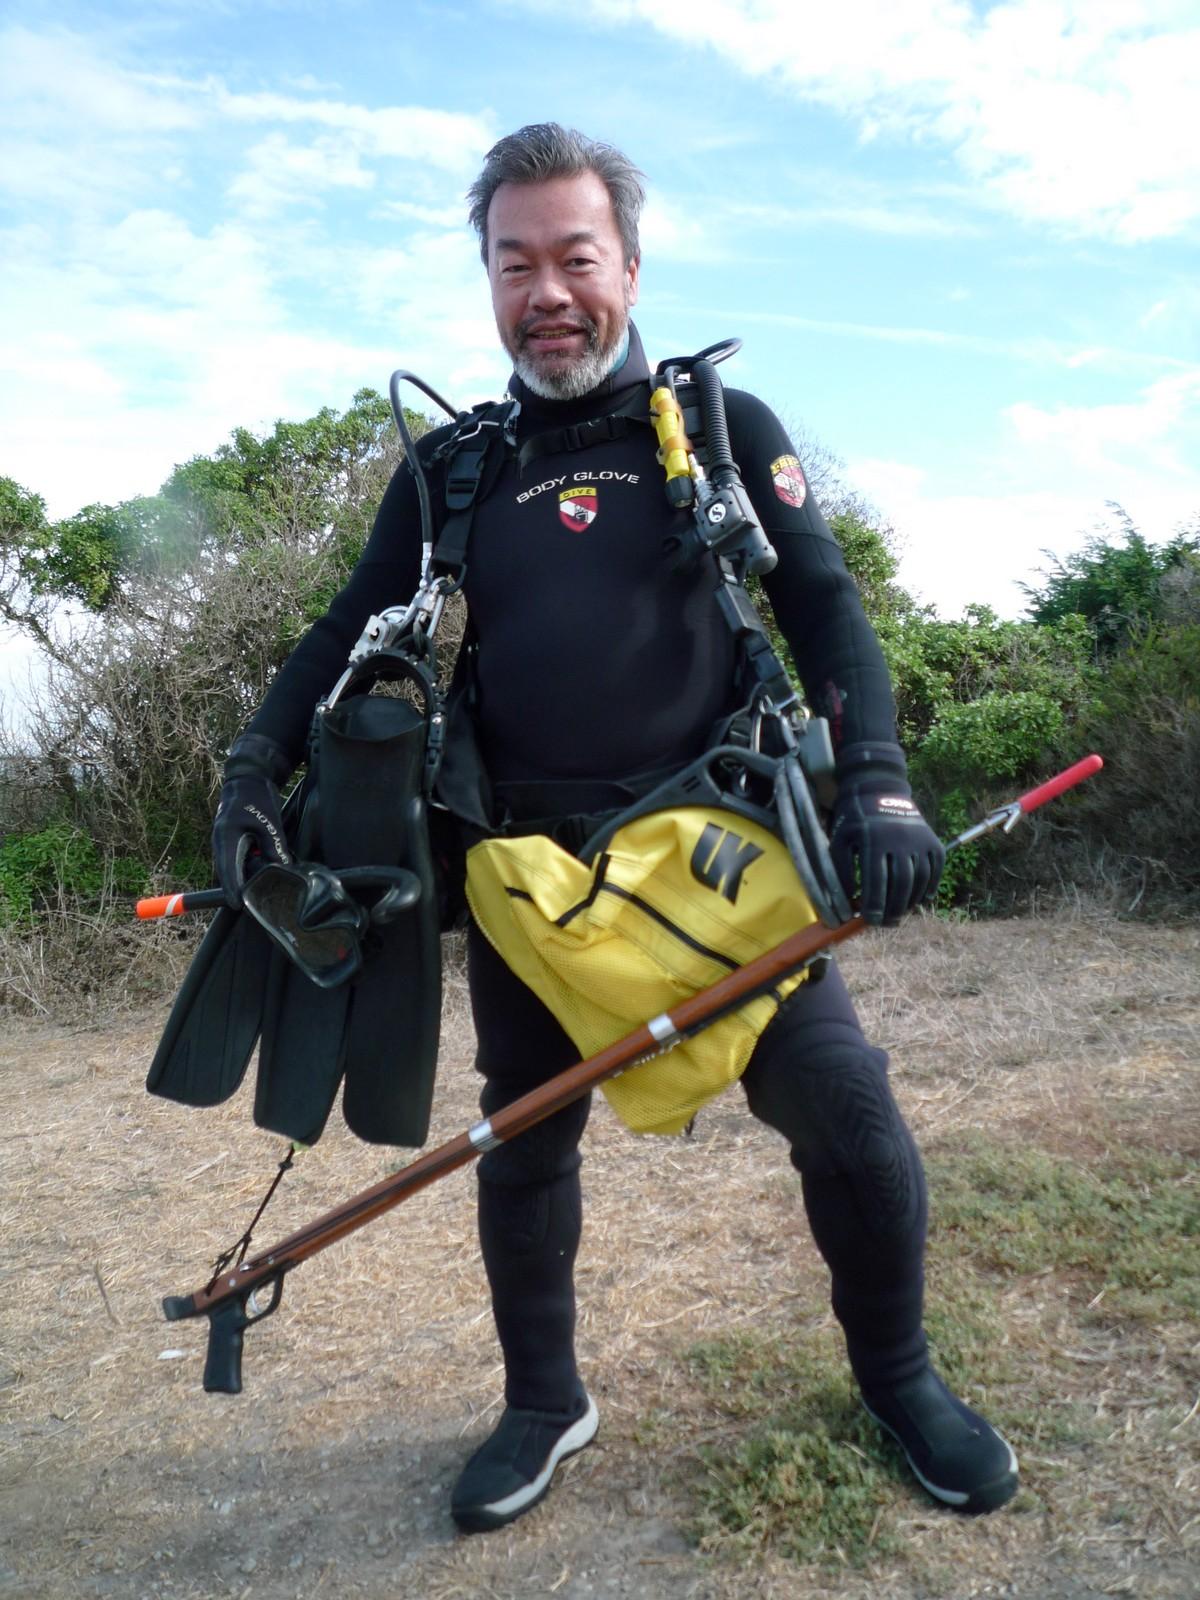 KCさん、崖にてフル装備